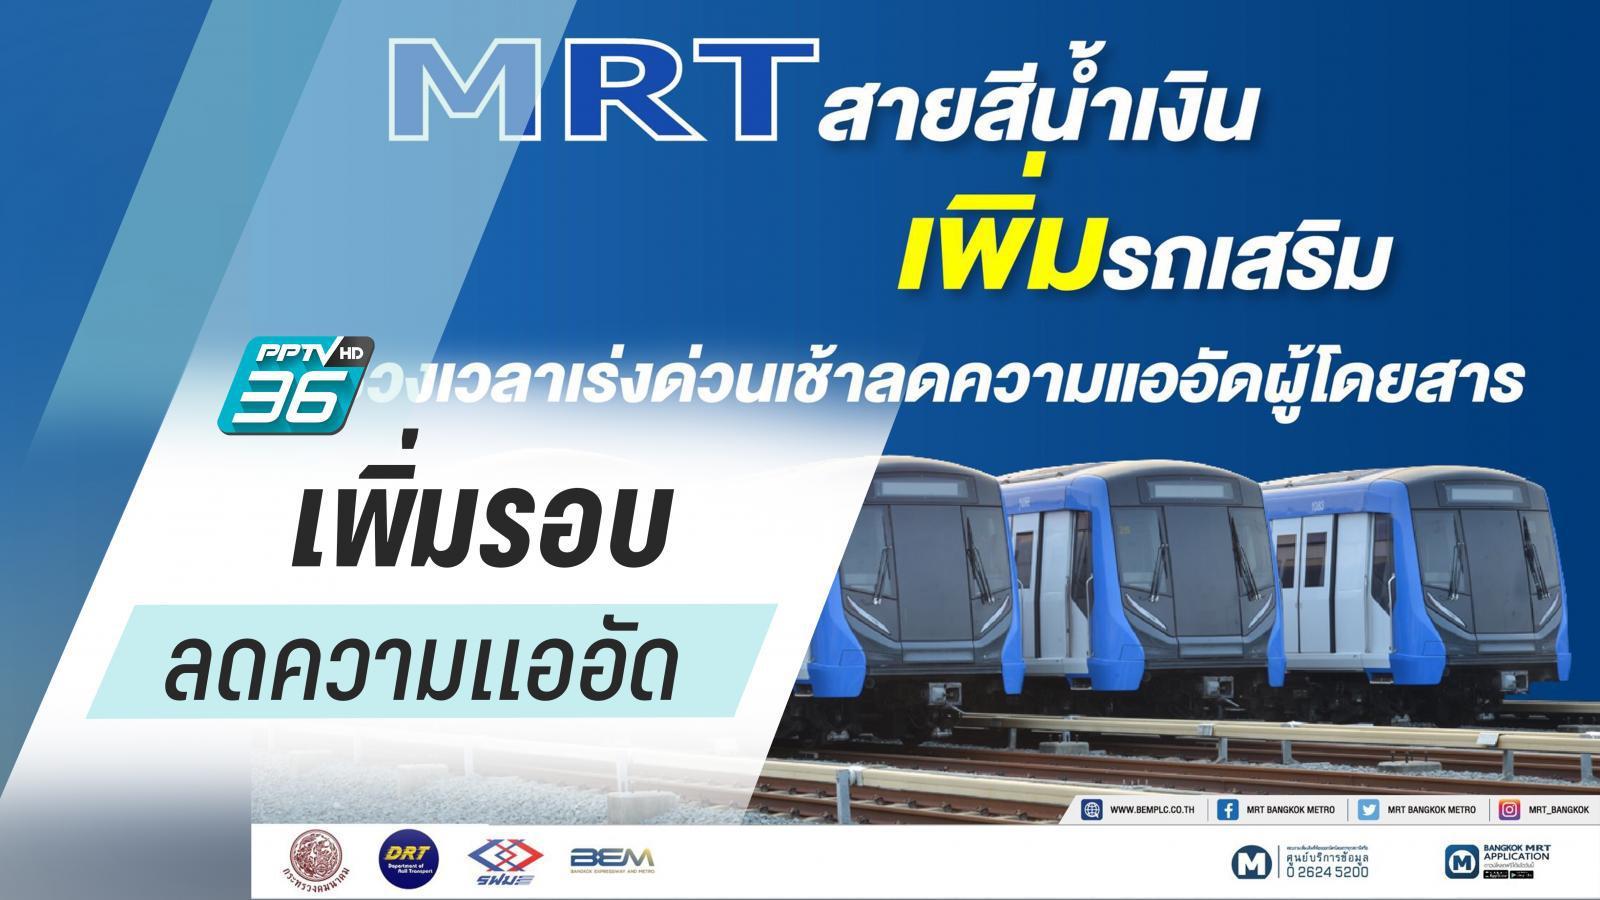 MRT สายสีน้ำเงิน เพิ่มรอบชั่วโมงเร่งเพื่อลดความแออัด